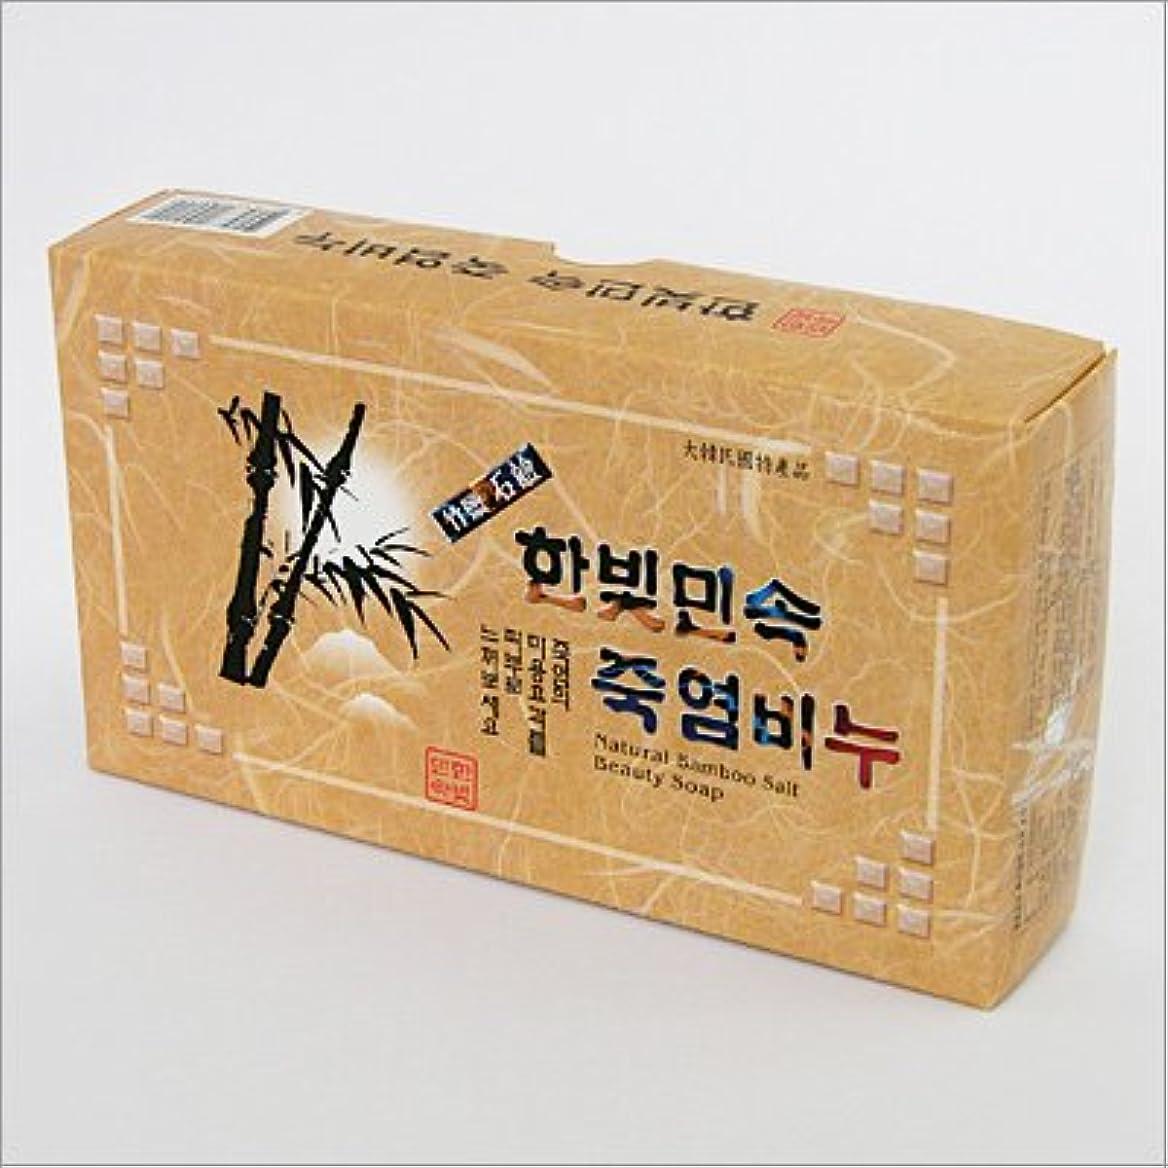 影響するジャーナリスト活性化する(韓国ブランド) 韓国 竹塩石鹸(3個セット)